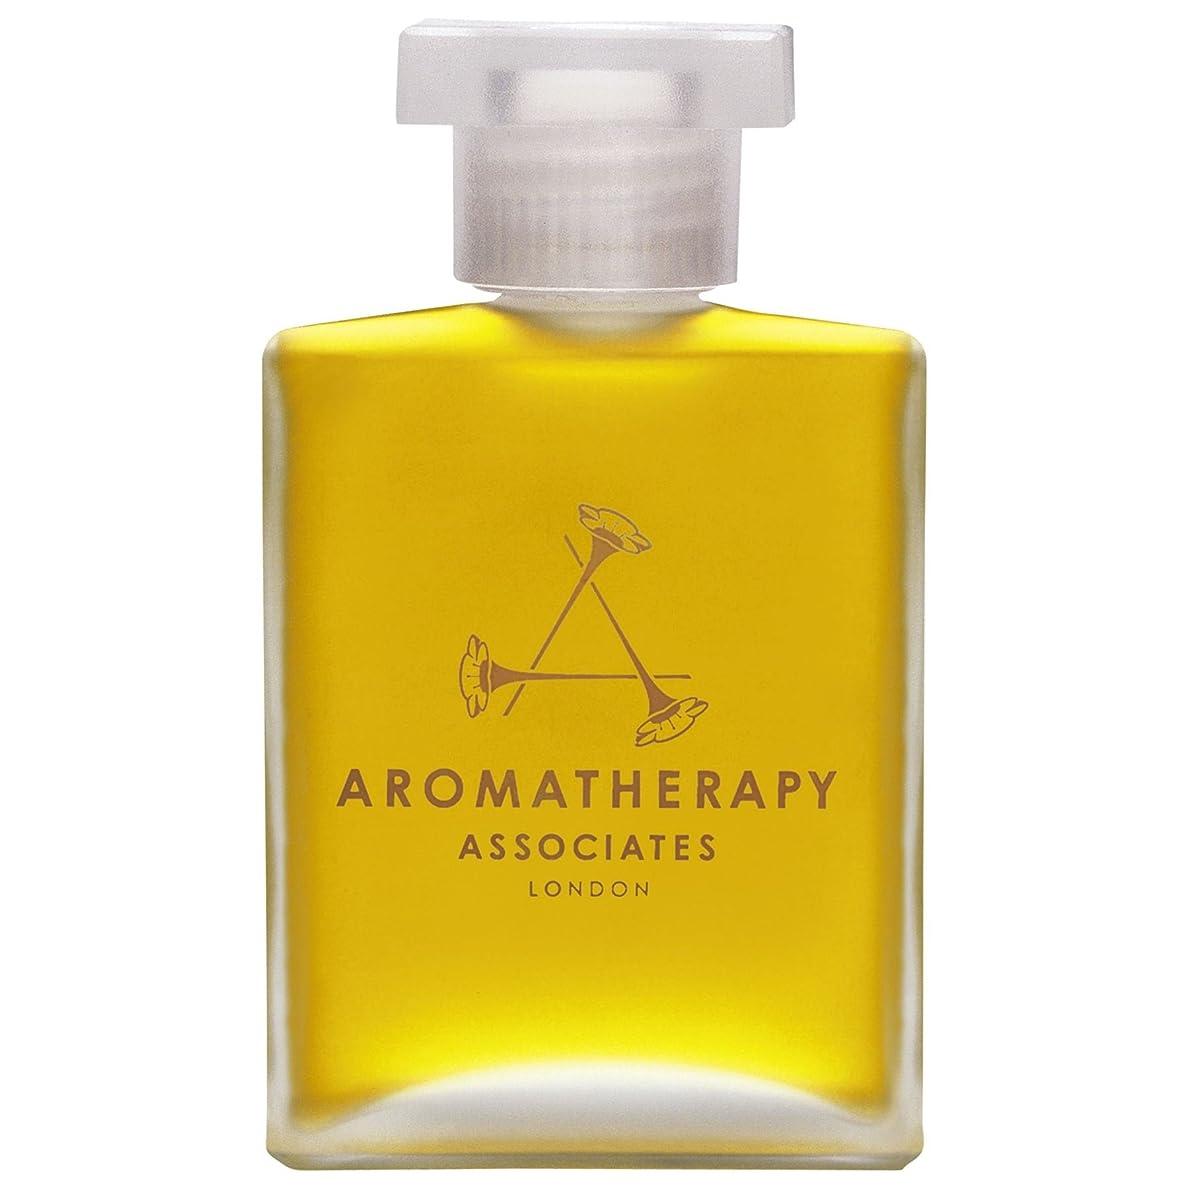 者教識字[Aromatherapy Associates ] アロマセラピーアソシエイツは、朝のお風呂とシャワーオイル55ミリリットルを復活させます - Aromatherapy Associates Revive Morning Bath and Shower Oil 55ml [並行輸入品]